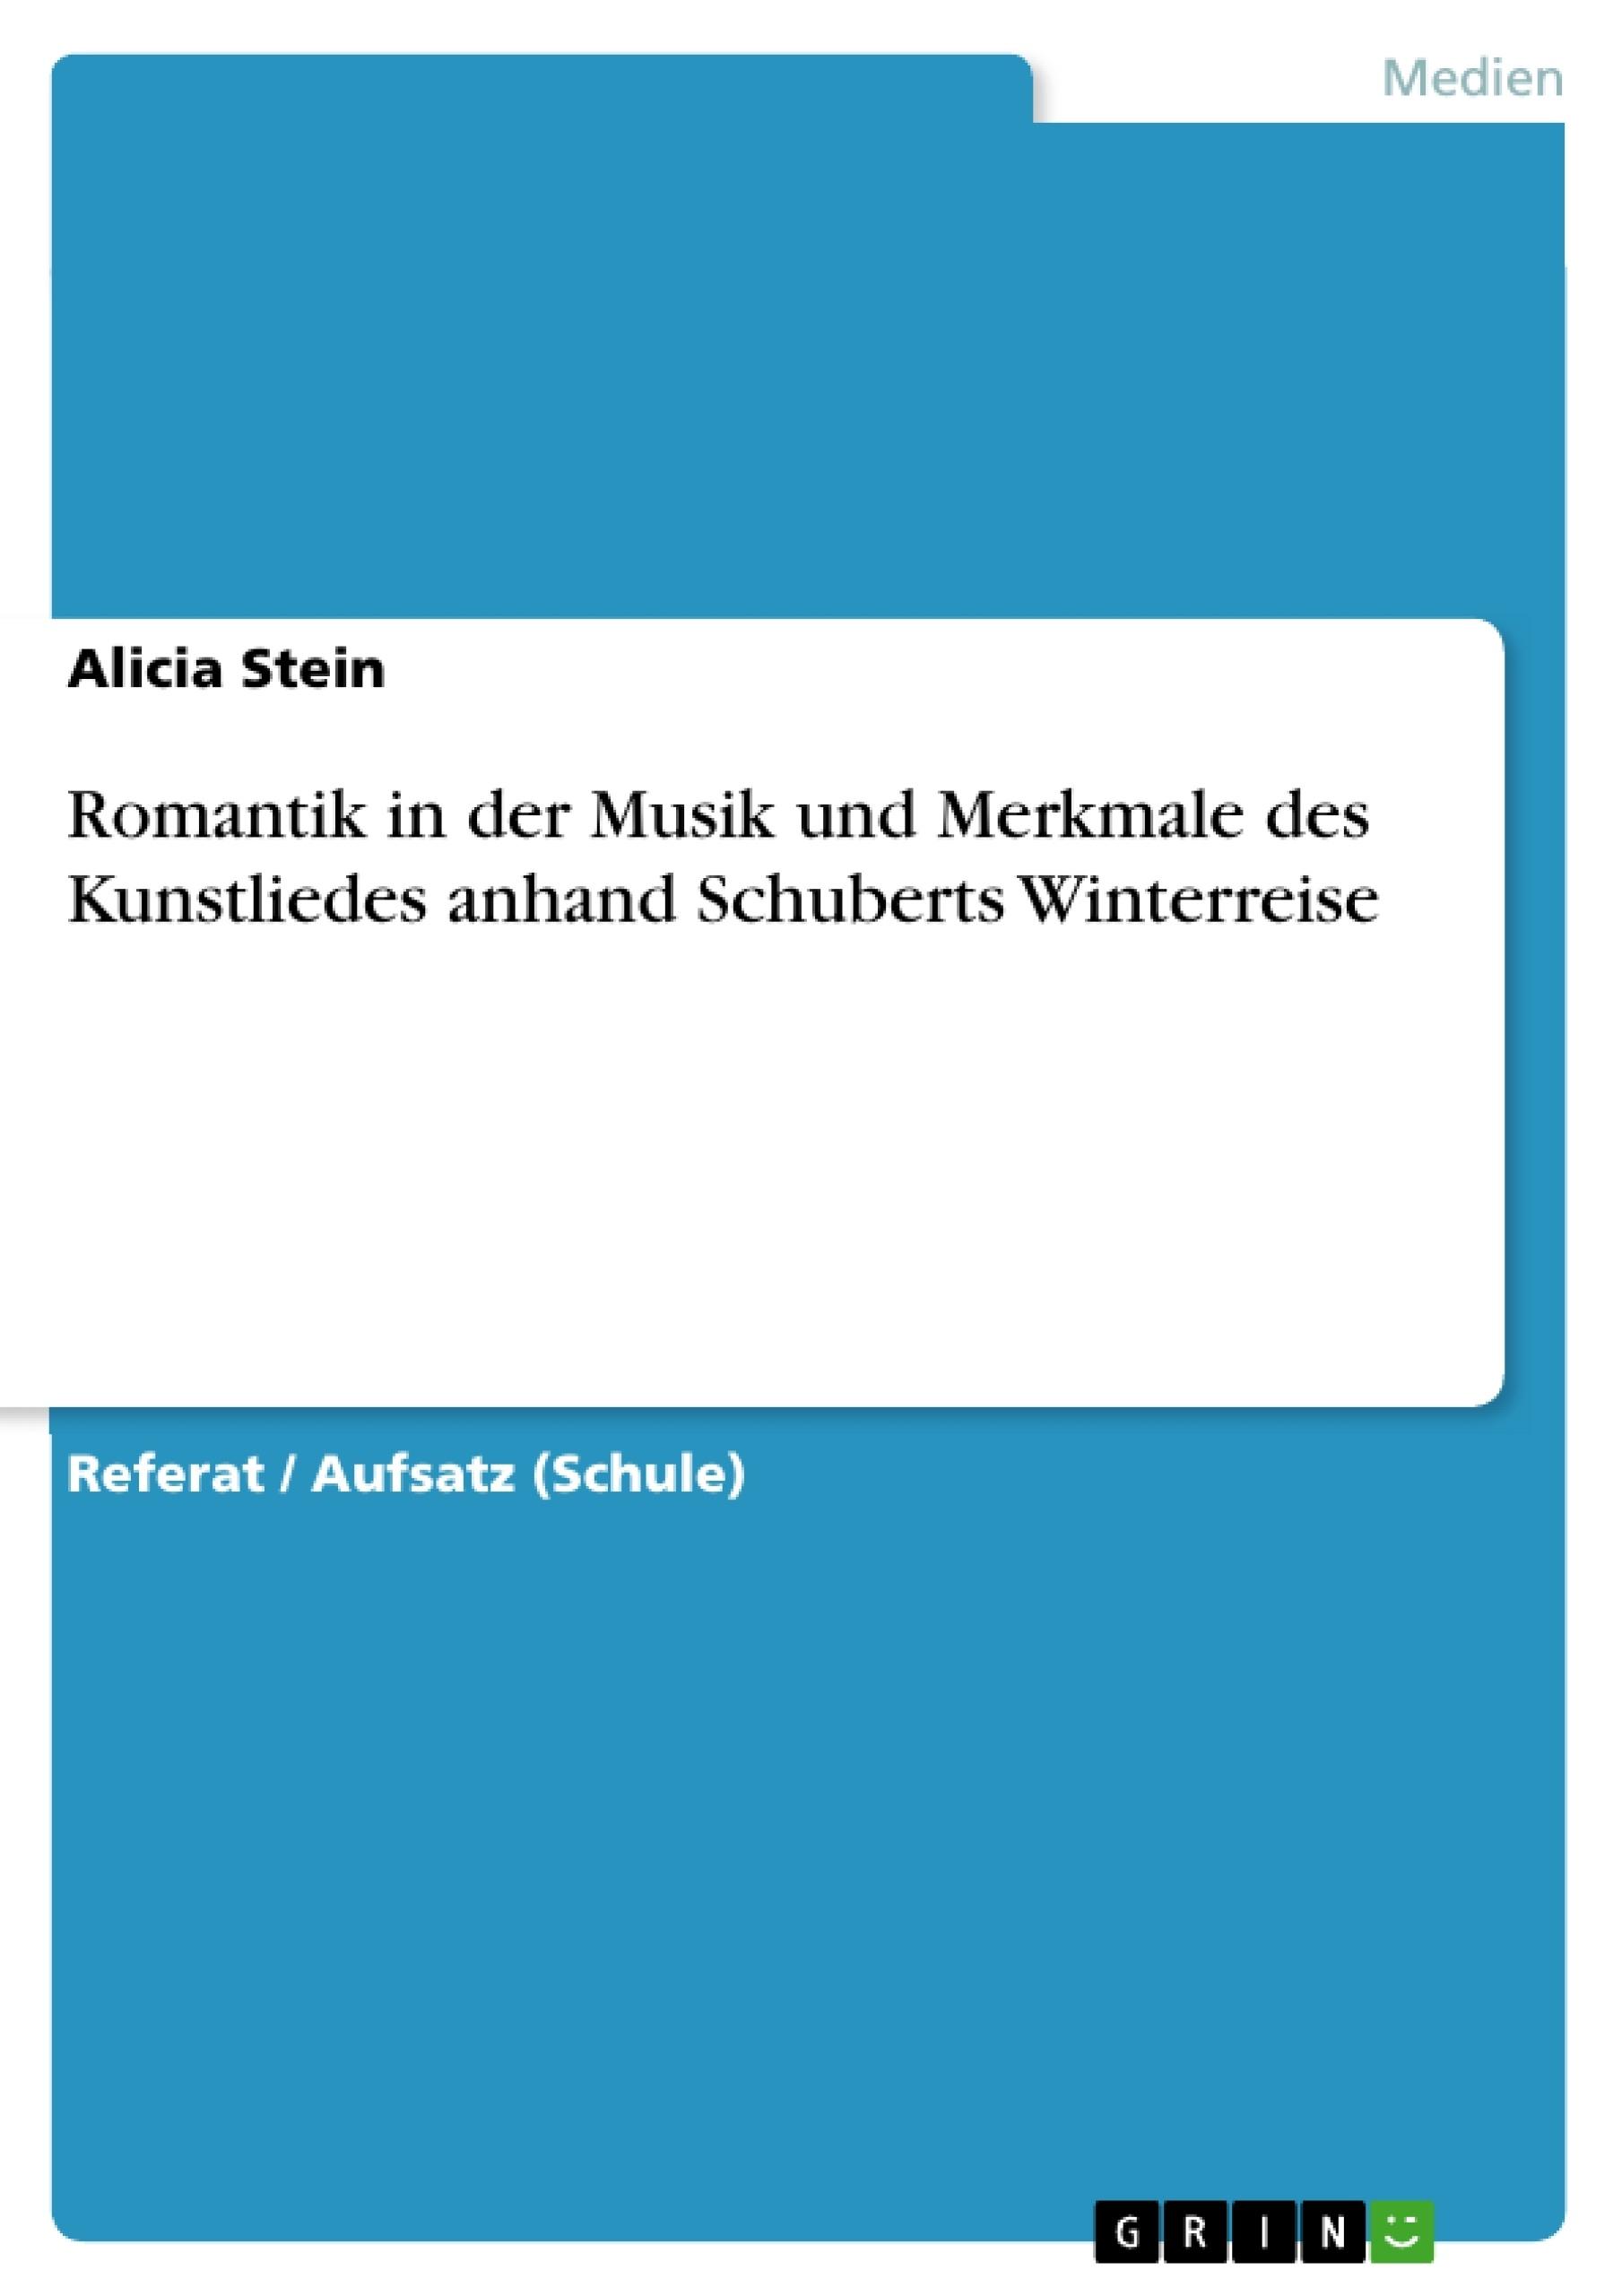 Titel: Romantik in der Musik und Merkmale des Kunstliedes anhand Schuberts Winterreise